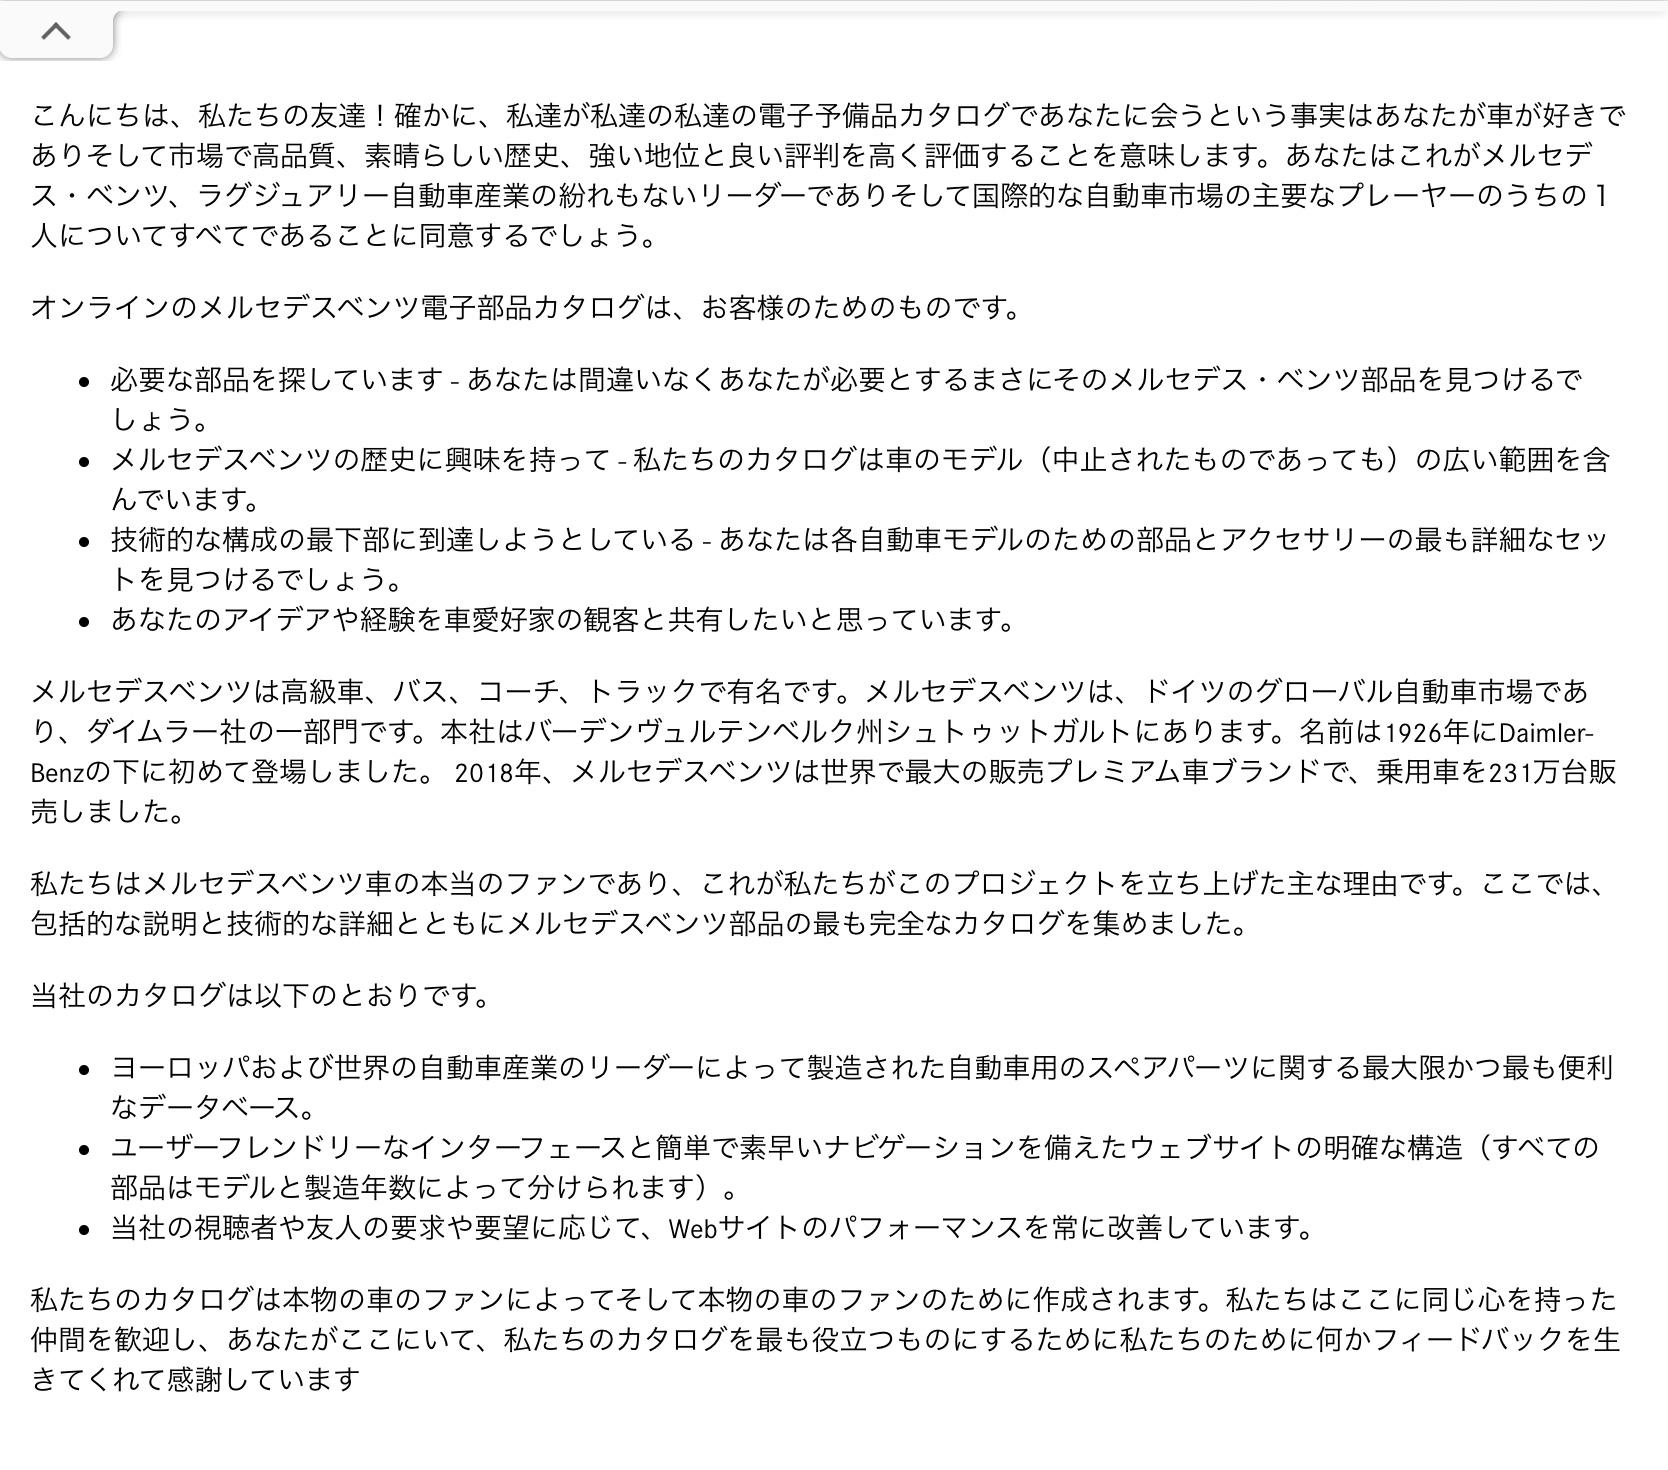 カタコトの日本語でサイトの趣旨を説明している